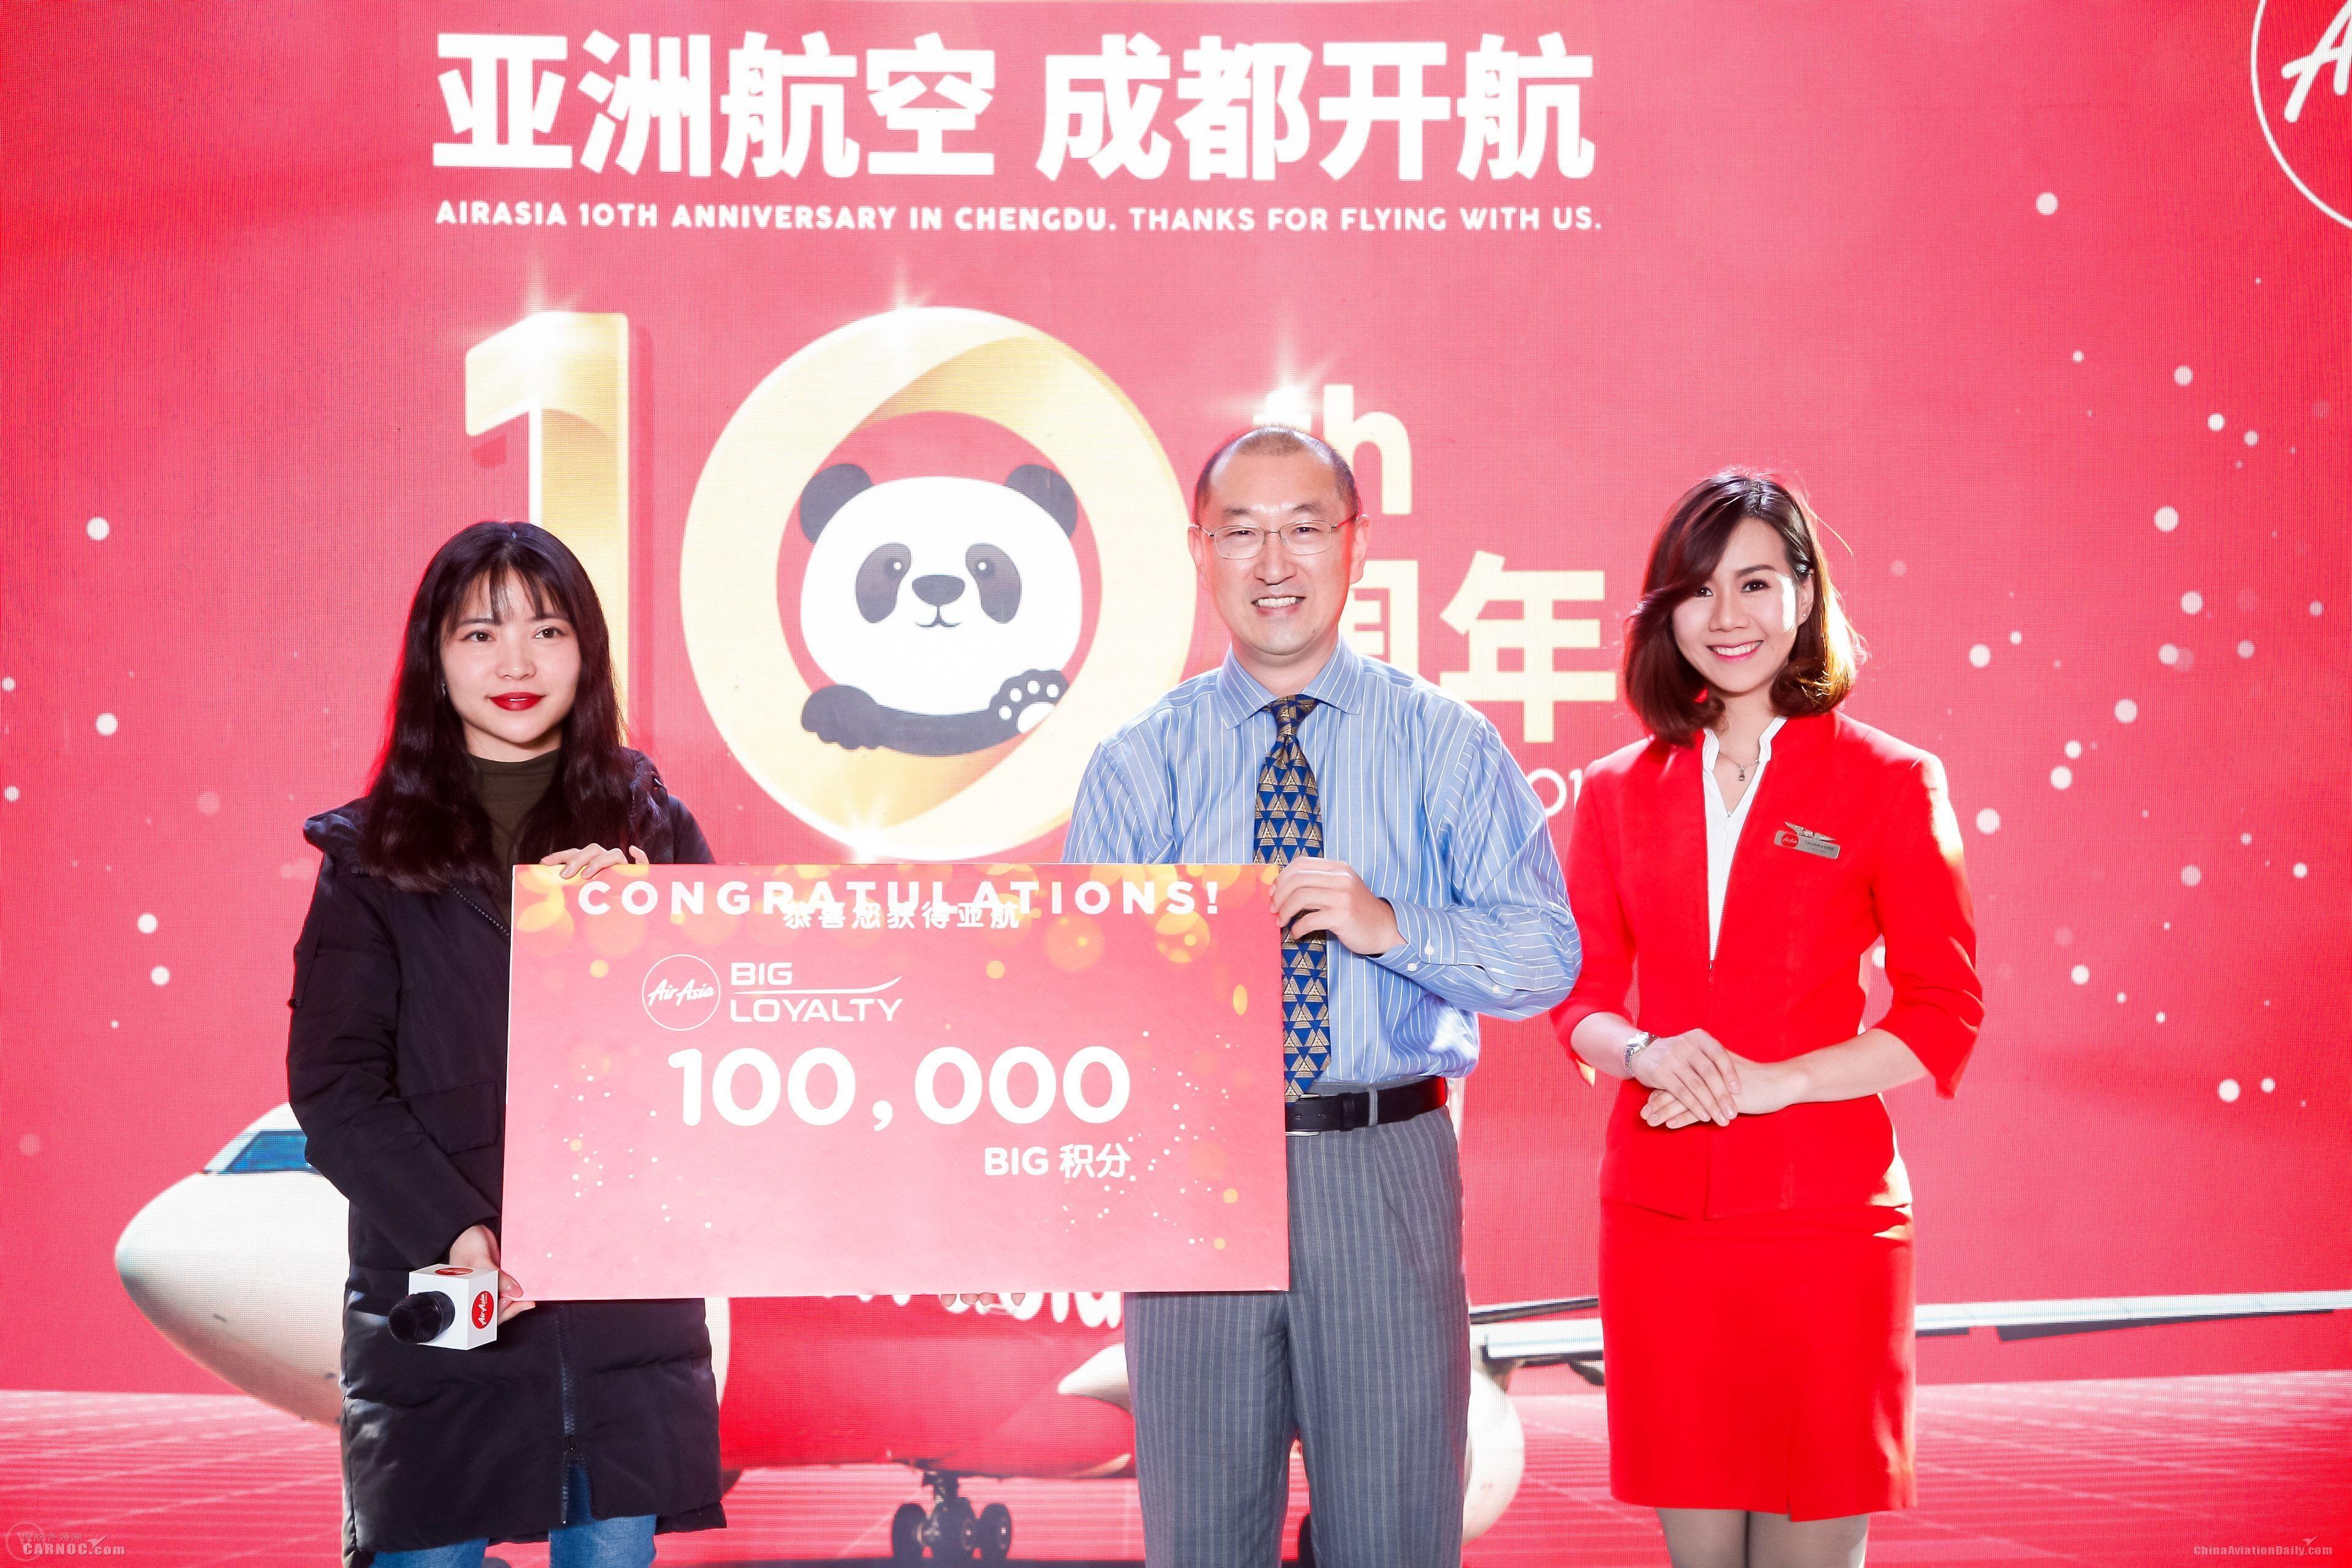 亚航中国区首席执行官周虎先生为成都航线第200万名乘客送上100,000亚航BIG积分